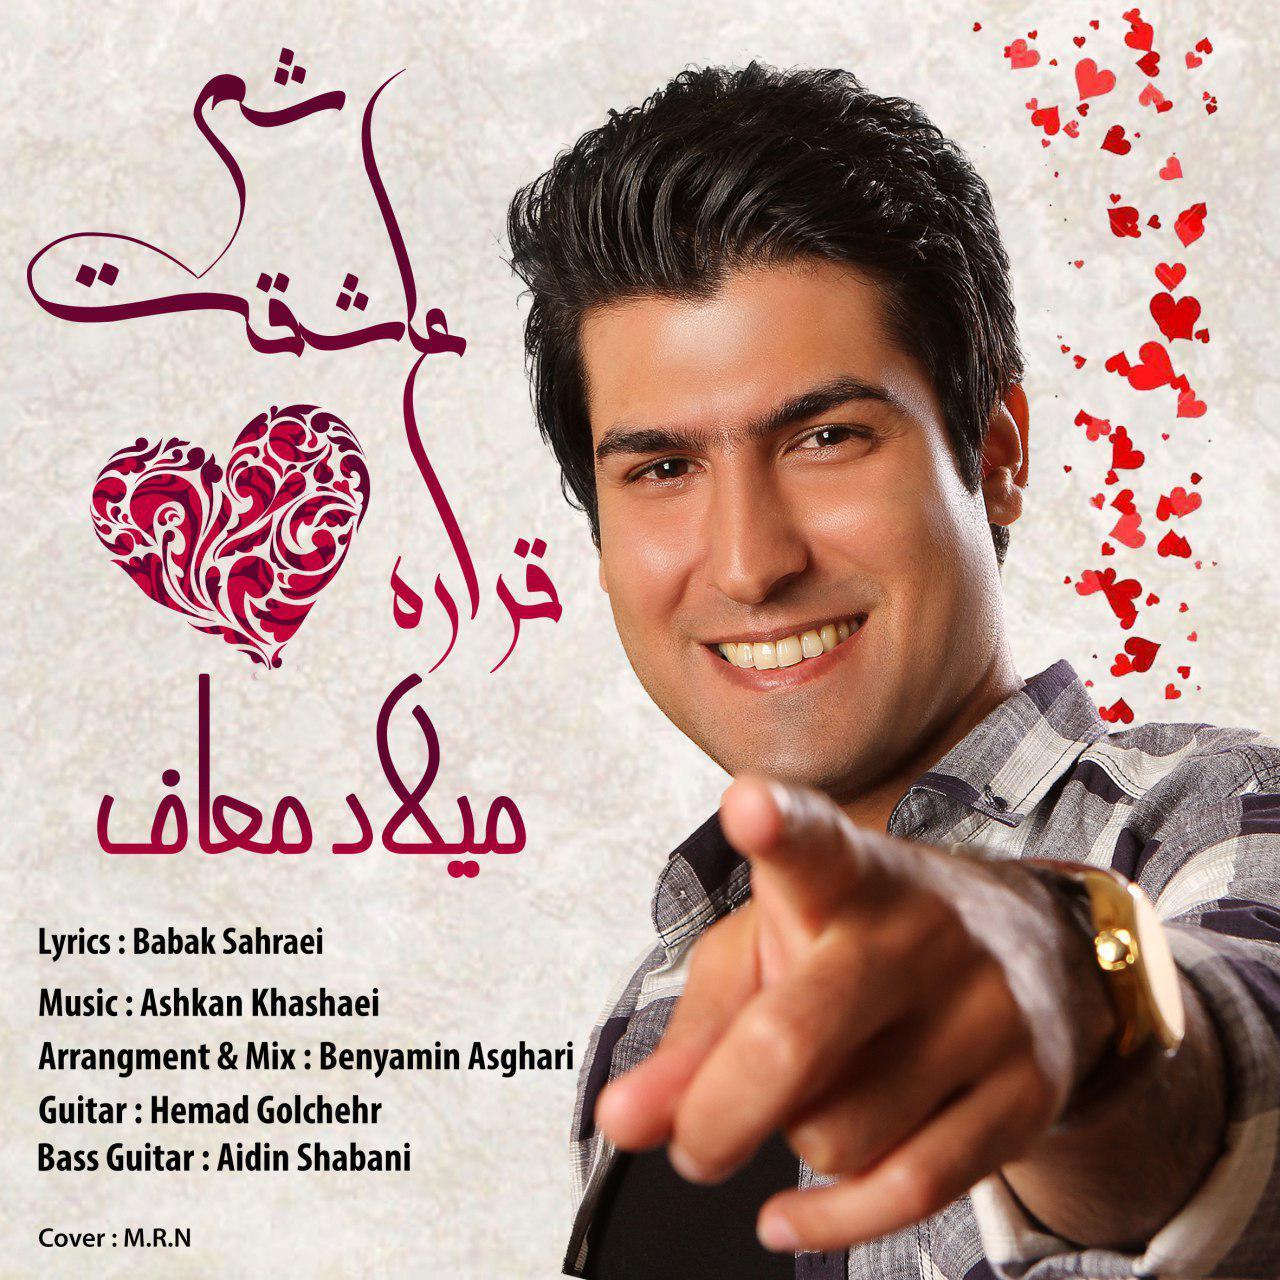 نامبر وان موزیک | دانلود آهنگ جدید Milad-Moaf-Gharare-Asheghet-Sham